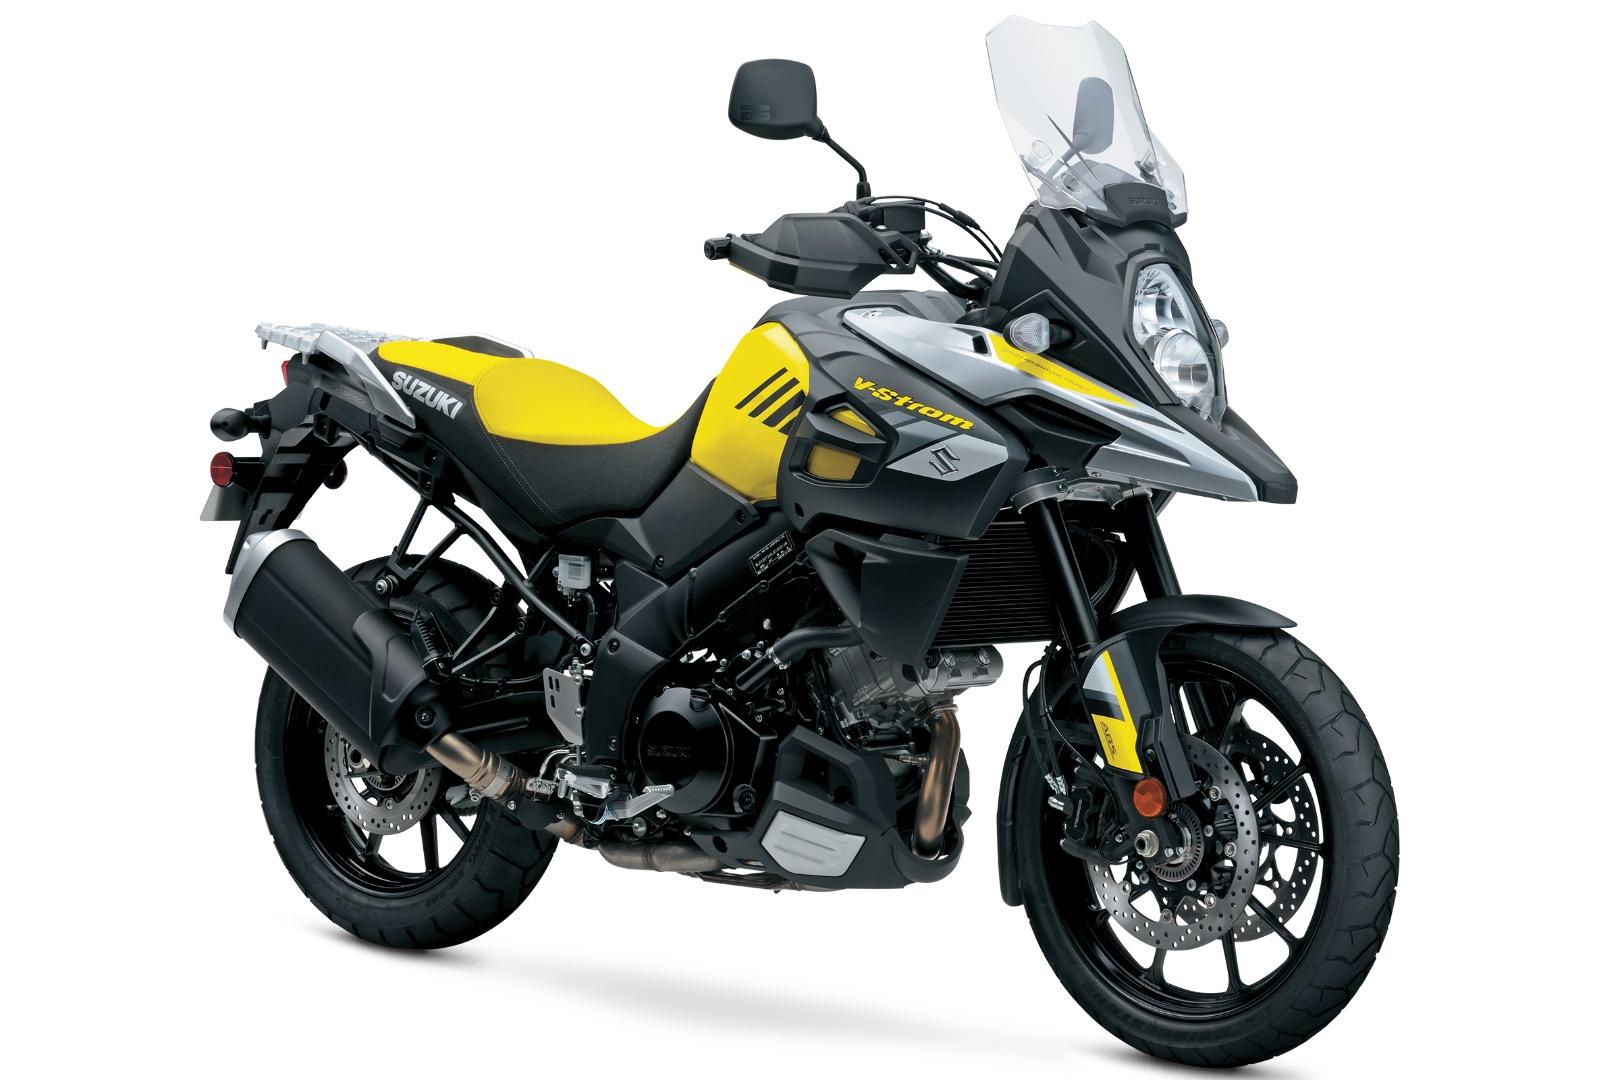 2018 suzuki vstrom. fine vstrom 2018 suzuki vstrom 1000 first look  info for suzuki vstrom ultimate motorcycling